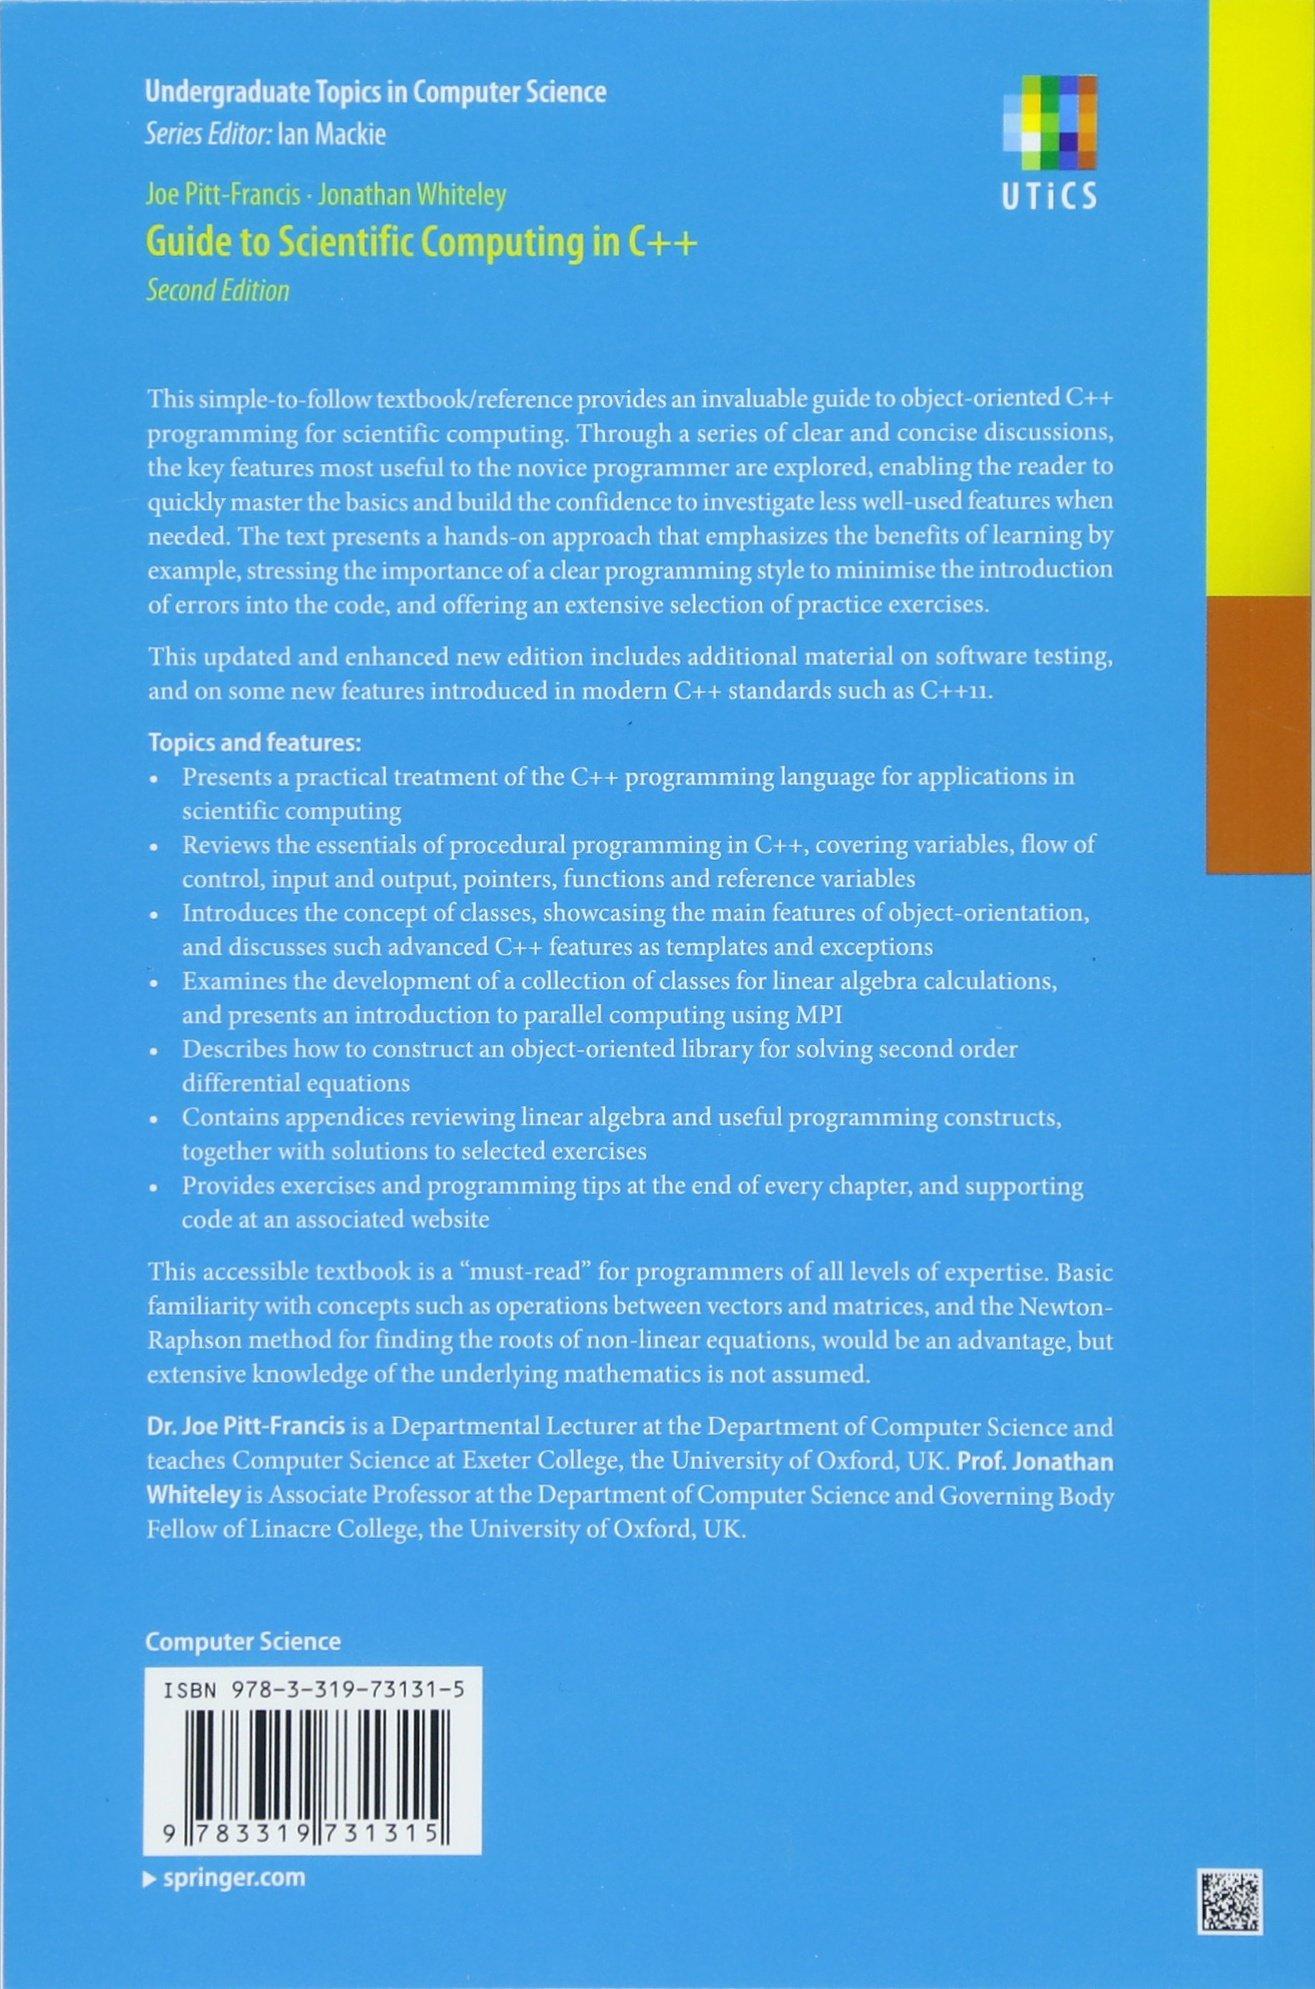 Buy Guide to Scientific Computing in C++ (Undergraduate Topics in ...